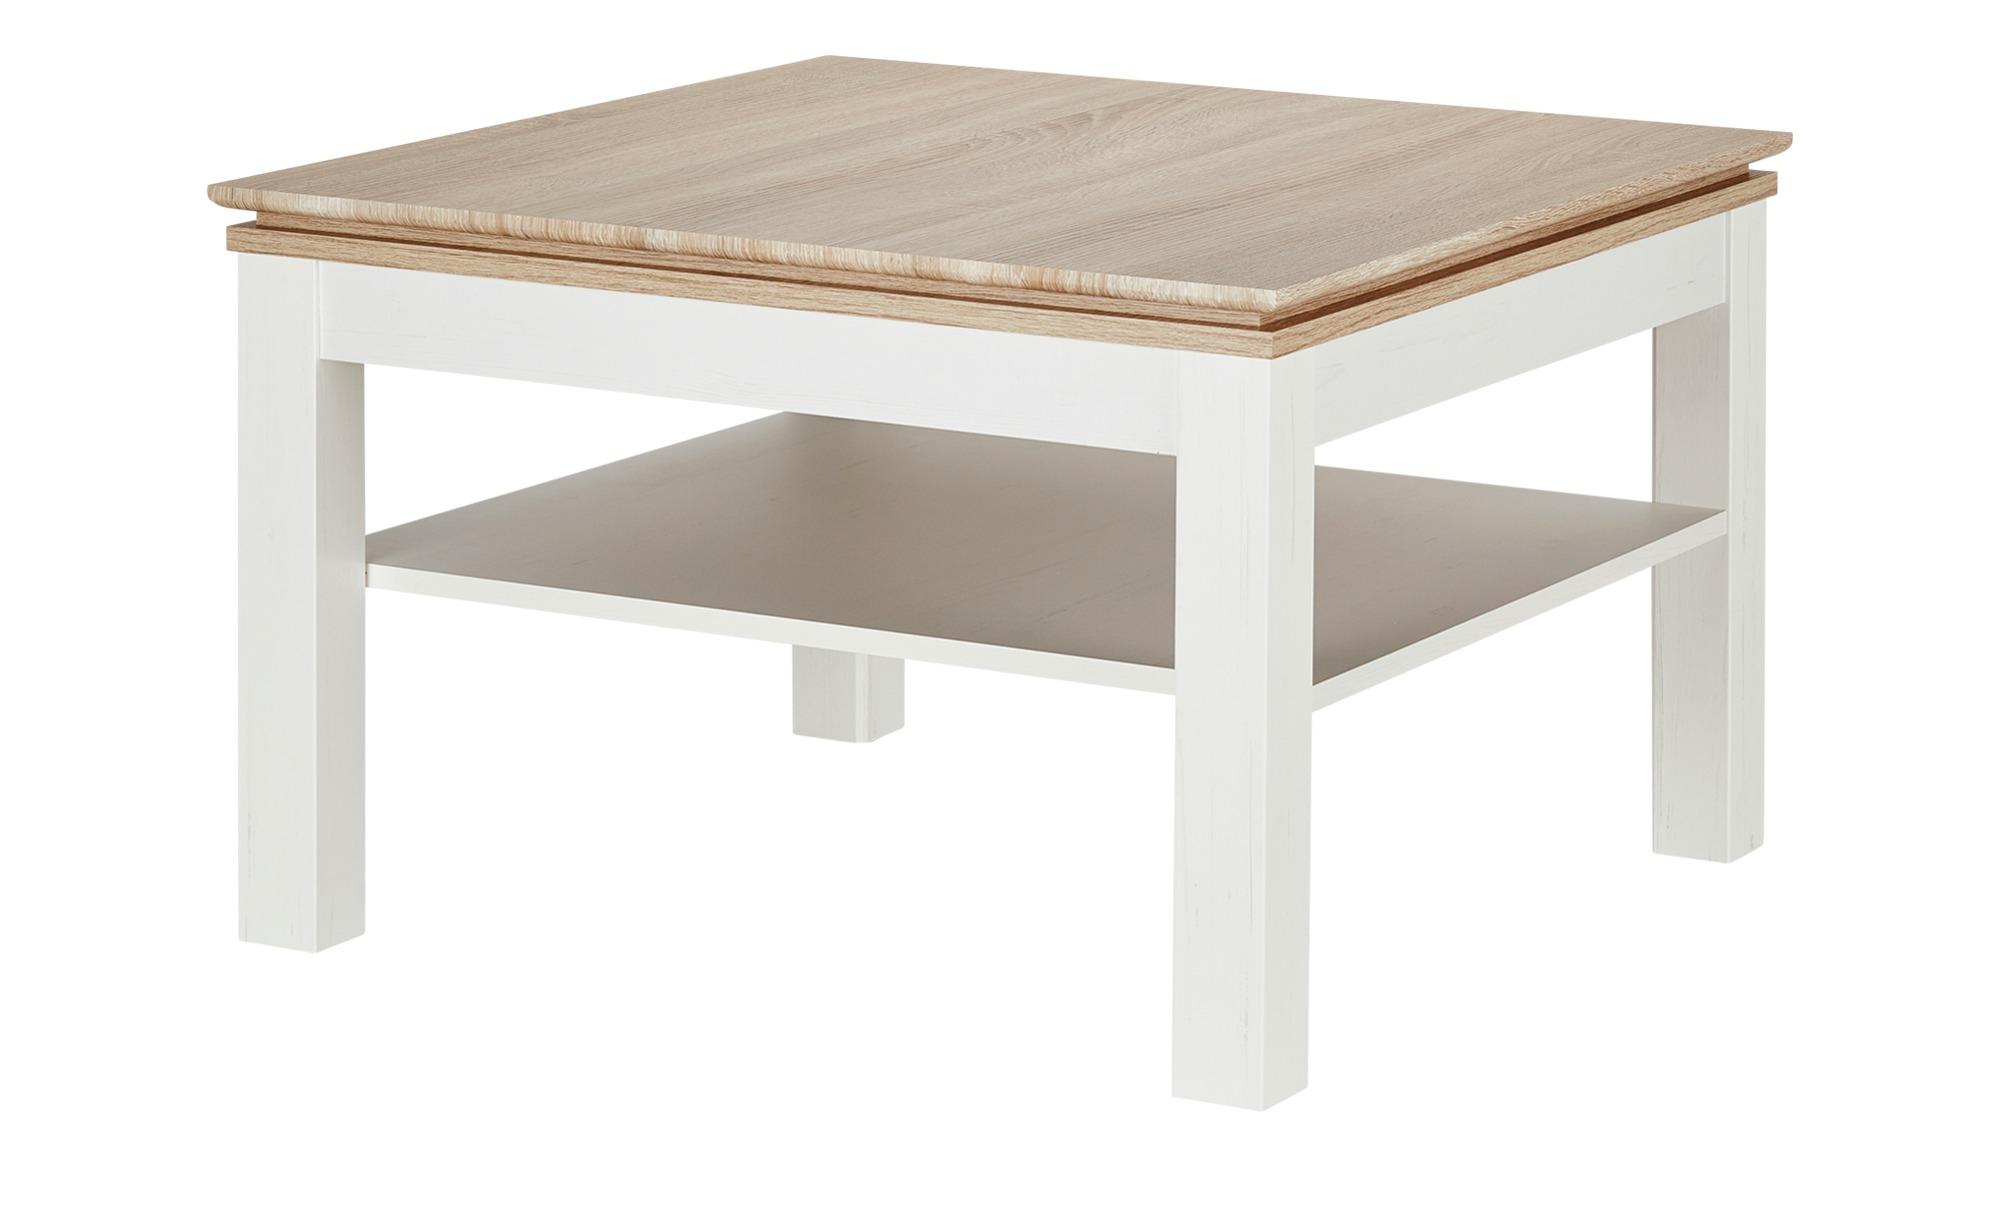 Couchtisch  Carmen ¦ Maße (cm): B: 75 H: 50 Tische > Couchtische > Couchtische rechteckig - Höffner